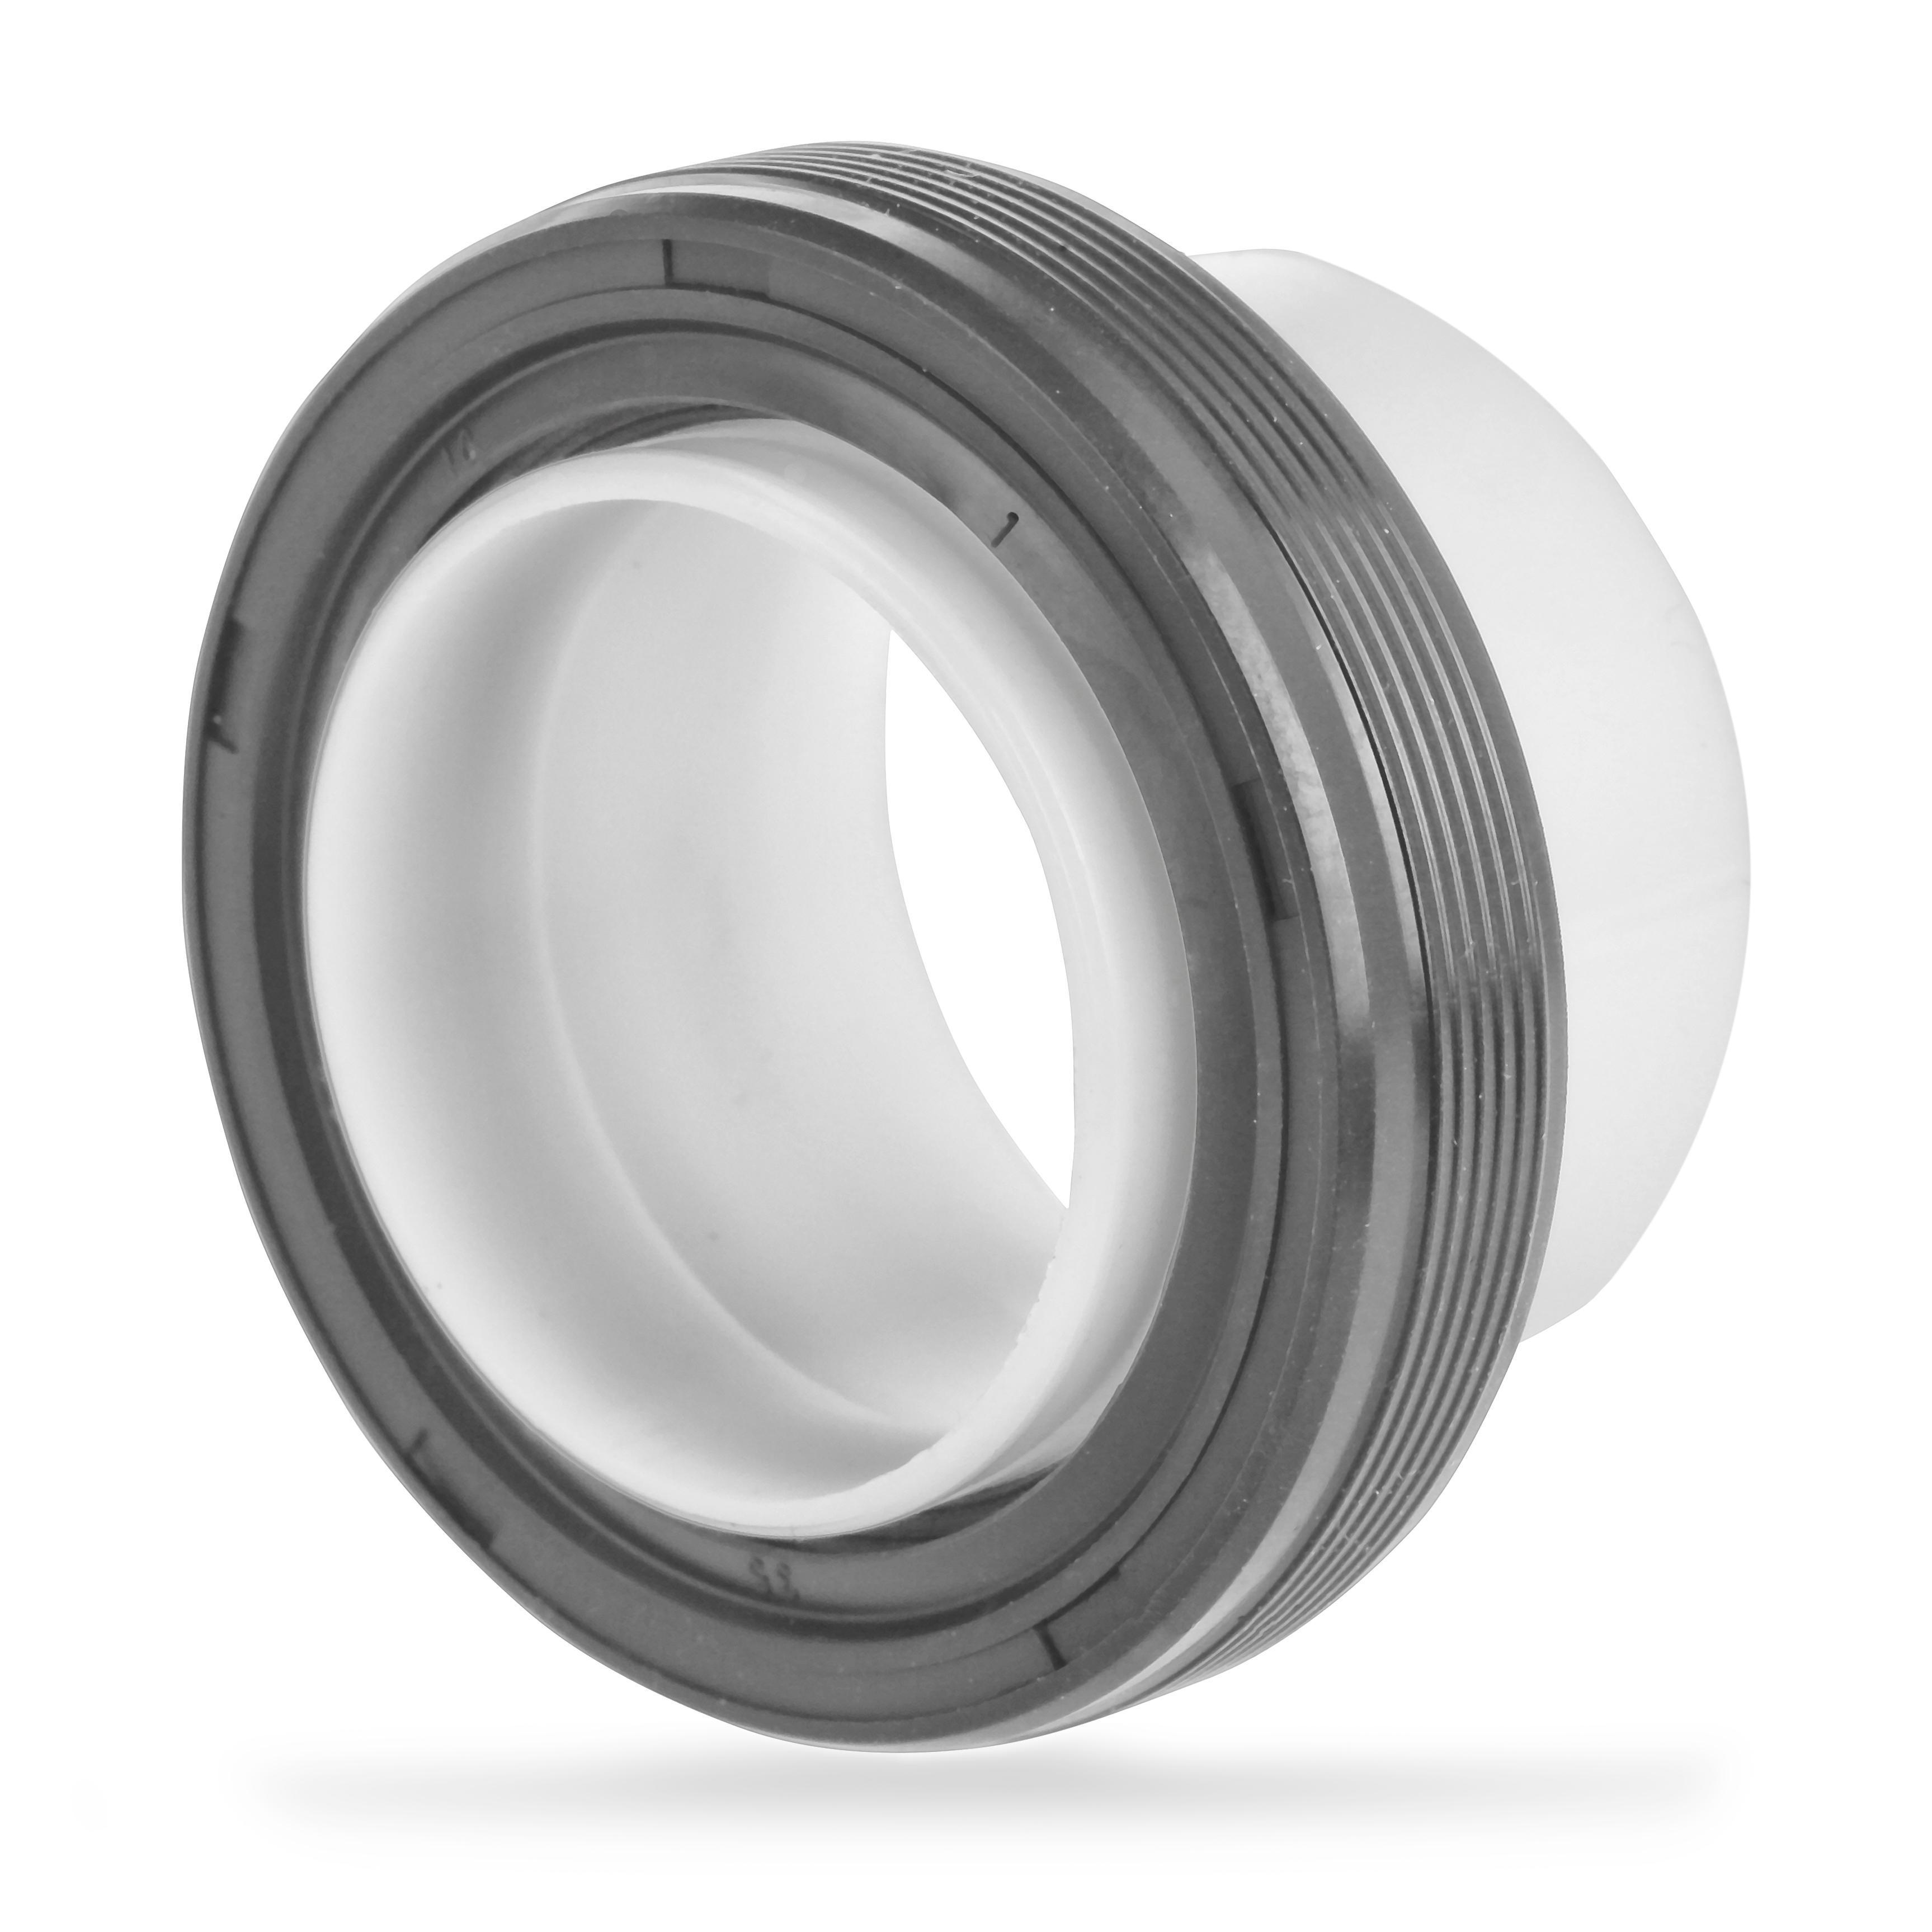 Köp JP GROUP 1119500200 - Vevaxeltätning till Skoda: PTFE (polytetrafluoretylen)/ACM (polyakryl-gummi) Innerdiameter: 35mm, Ø: 48mm